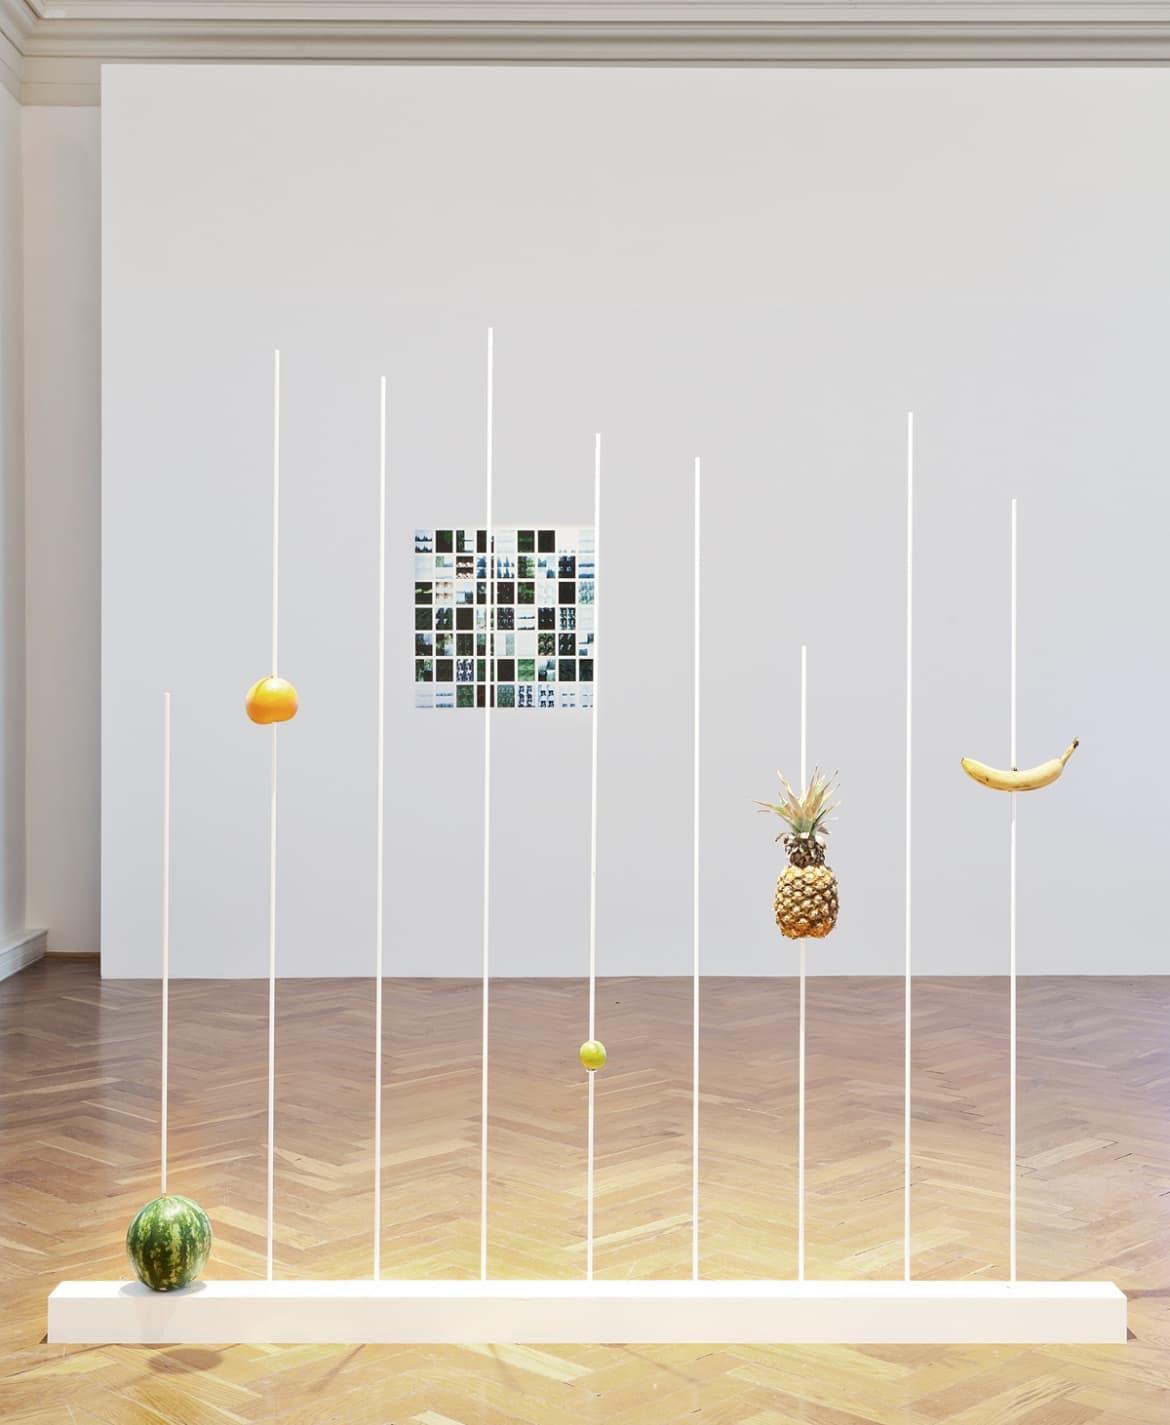 exhibition-view-6666-RZ-reworked